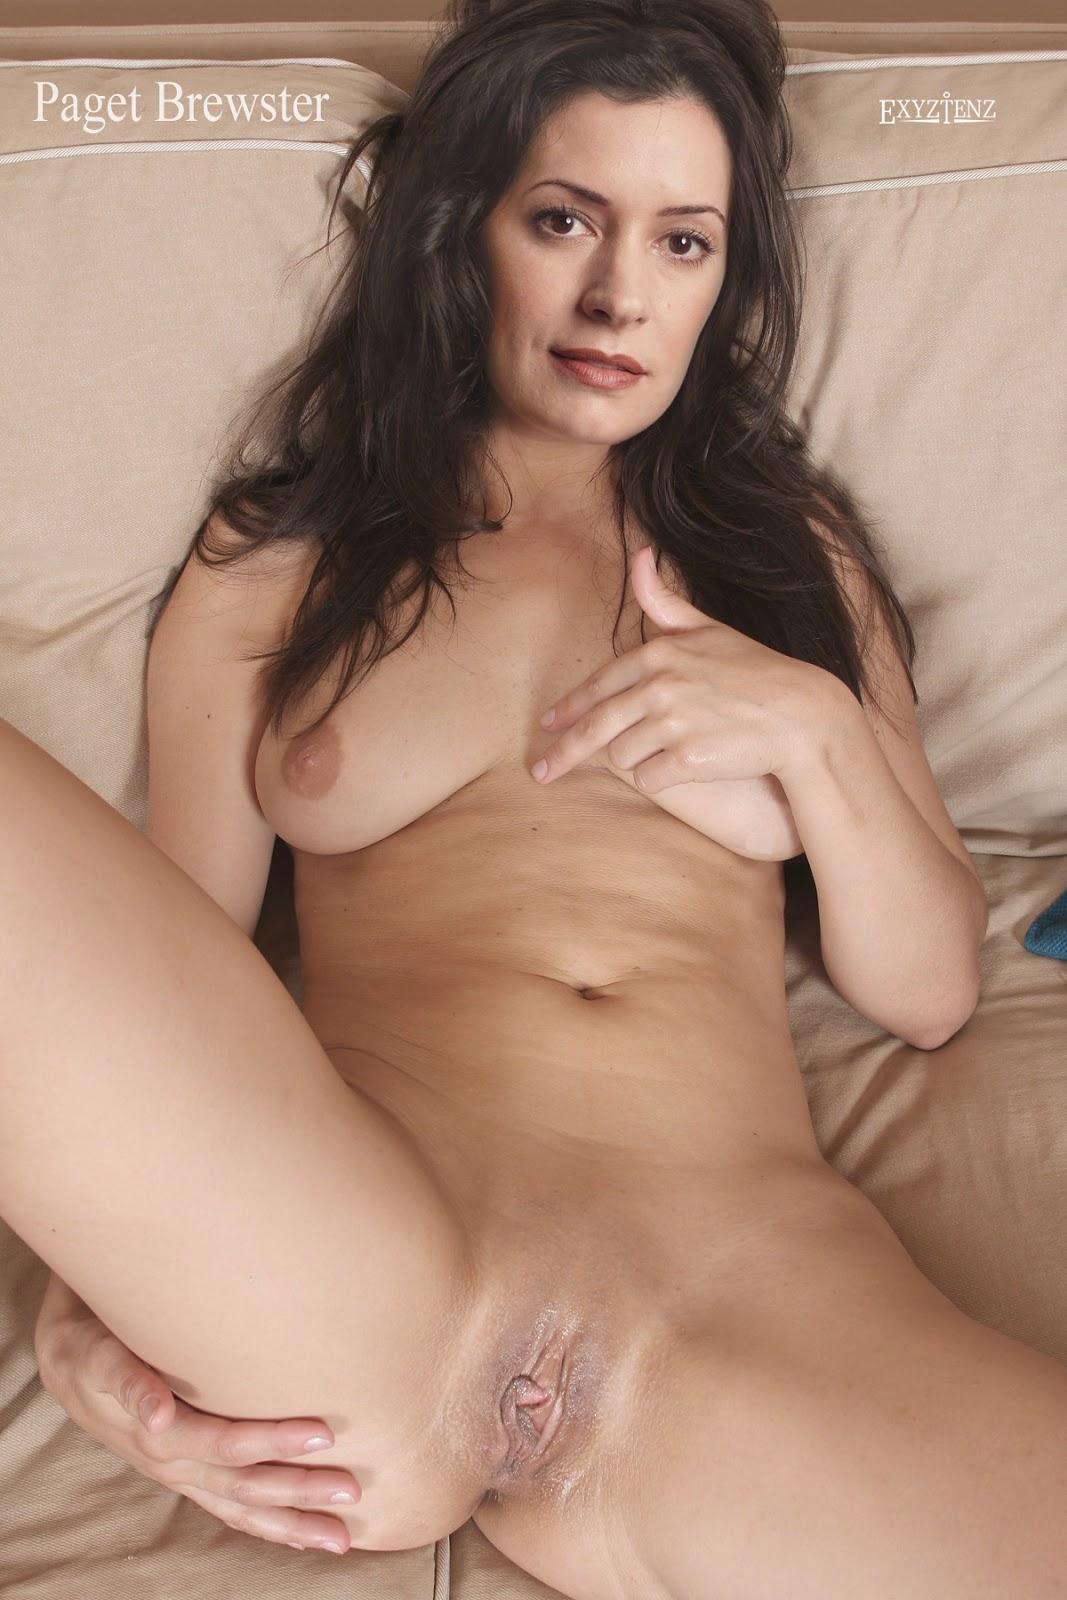 interracial-paget-brewster-ass-hot-nude-hot-girls